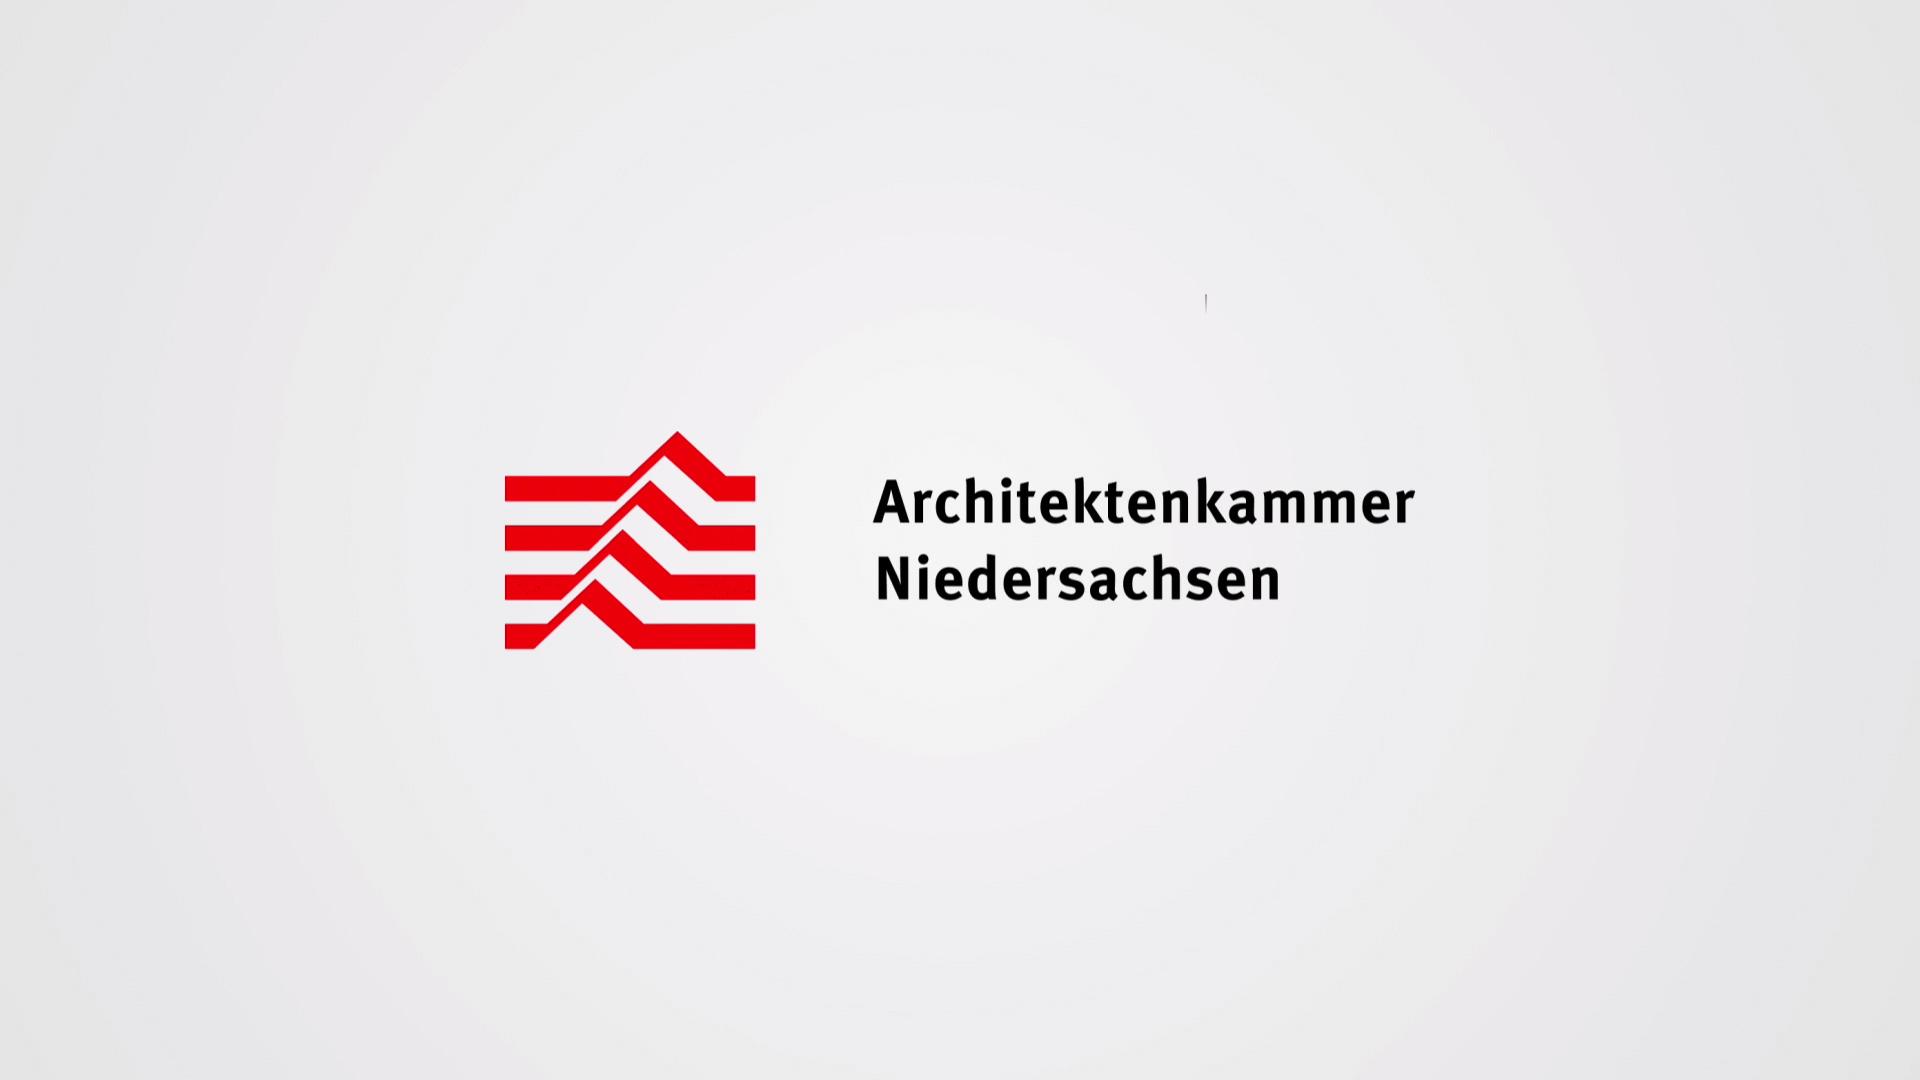 Architektenkammer Niedersachsen 01